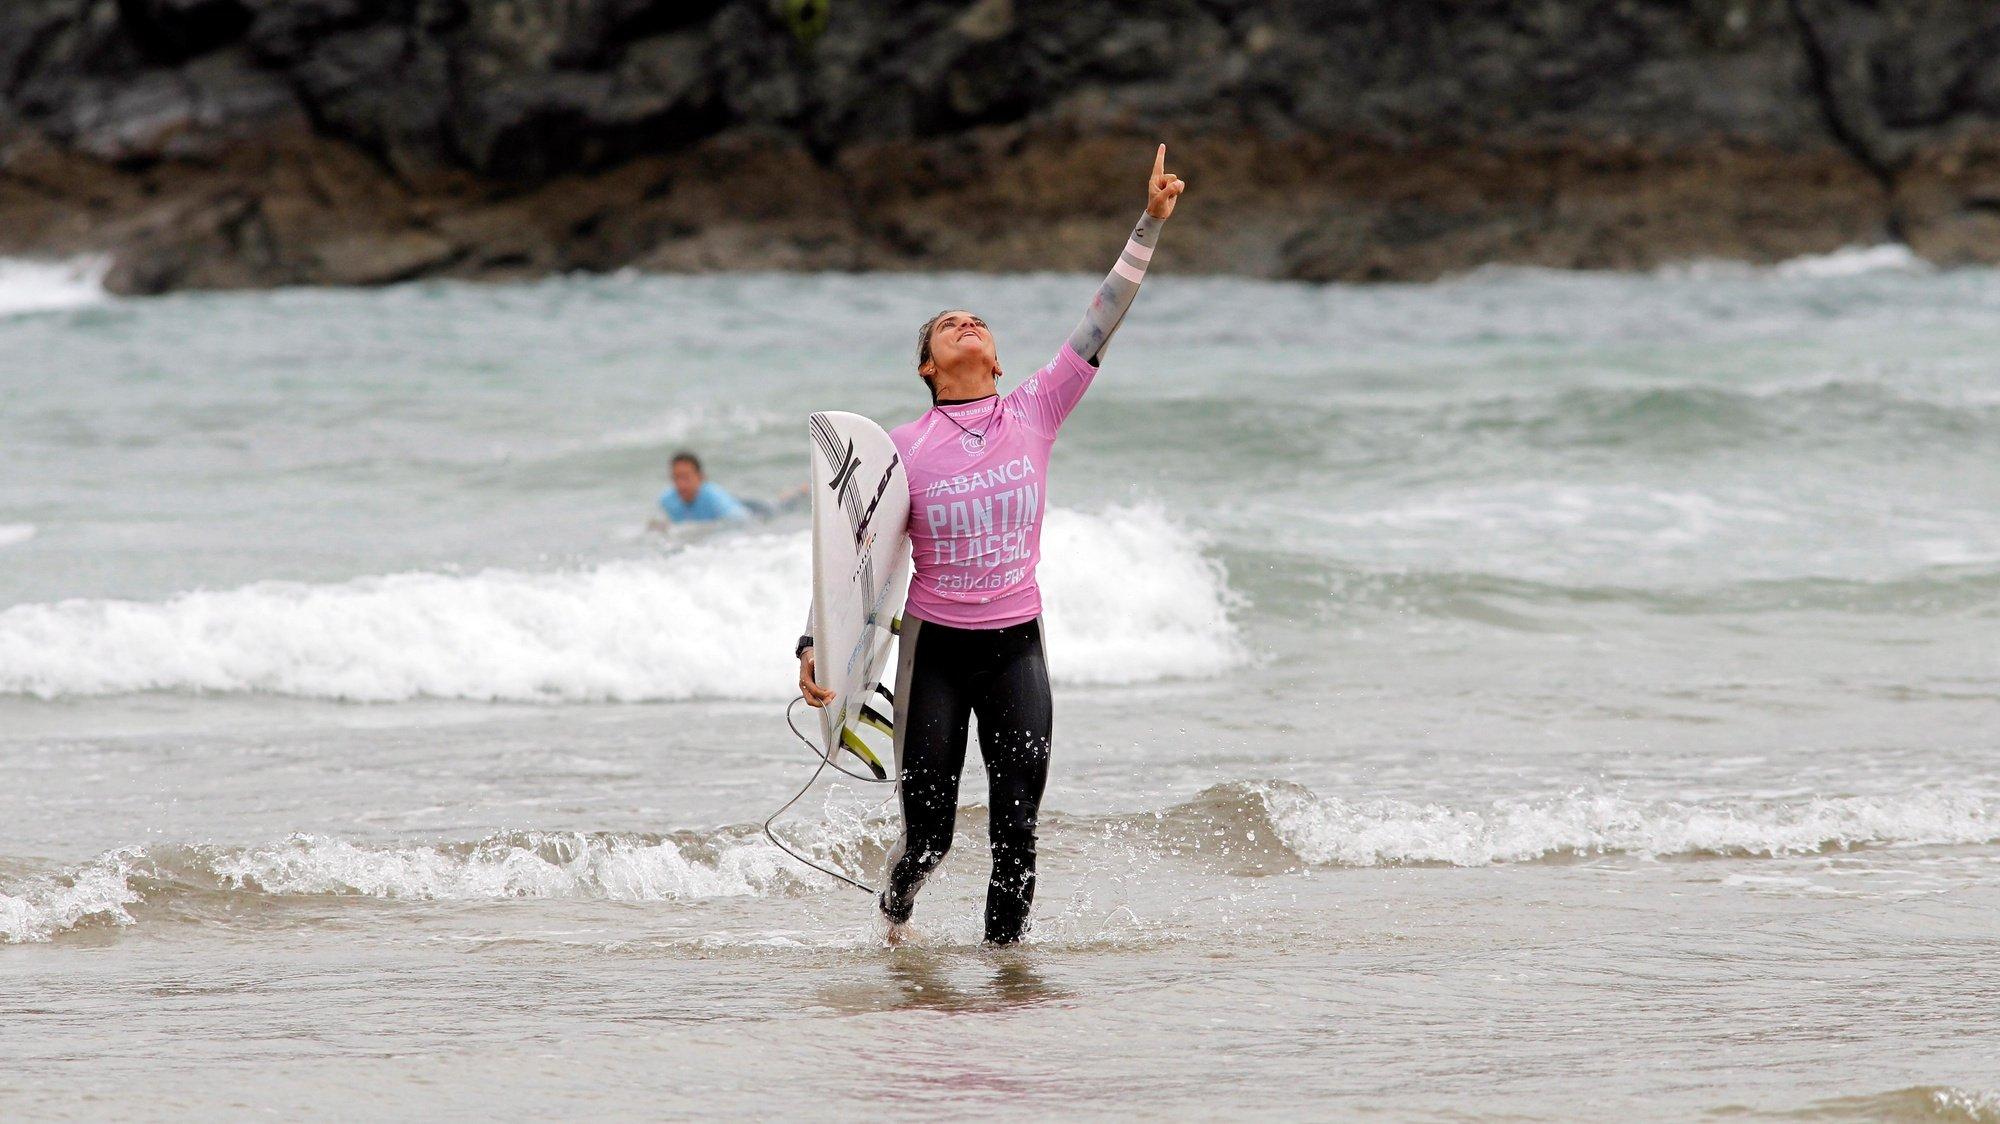 """Carolina Mendes celebra após ganhar a final feminina da competição """"Galicia Pro surfing"""""""